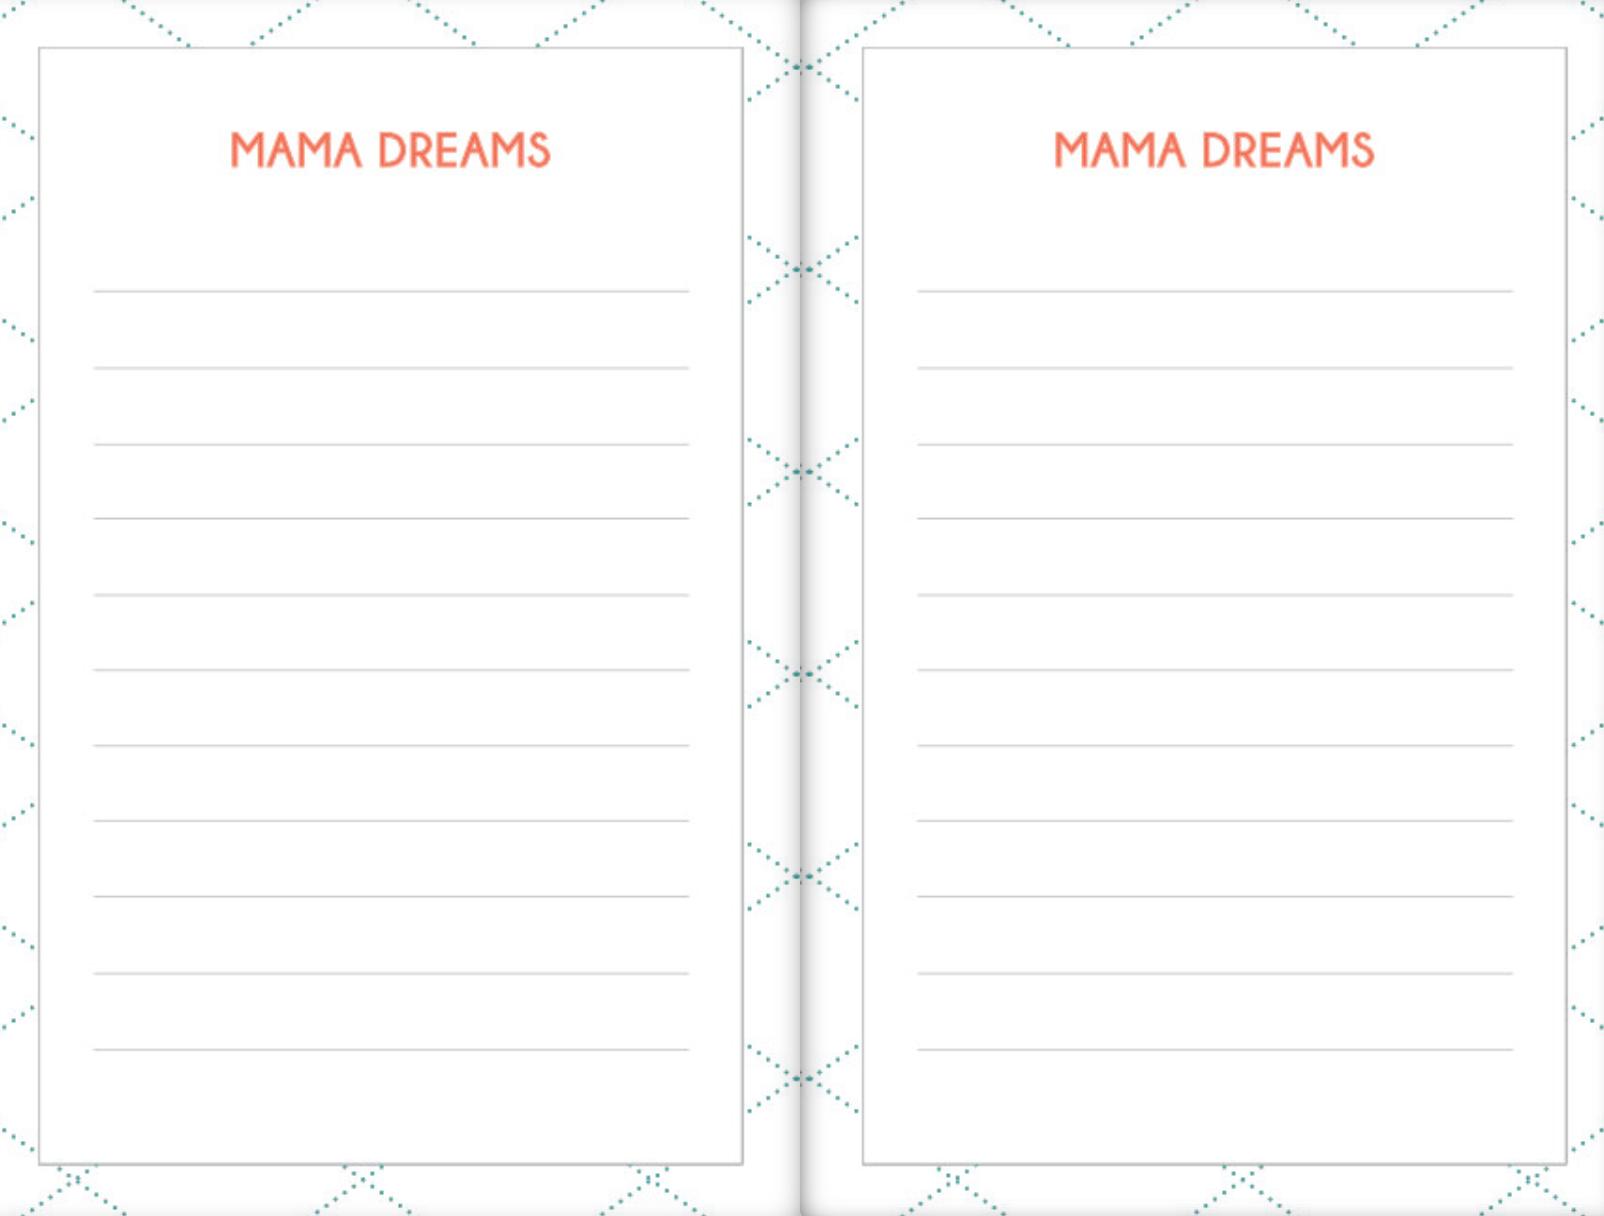 Mama Dreams photo.png